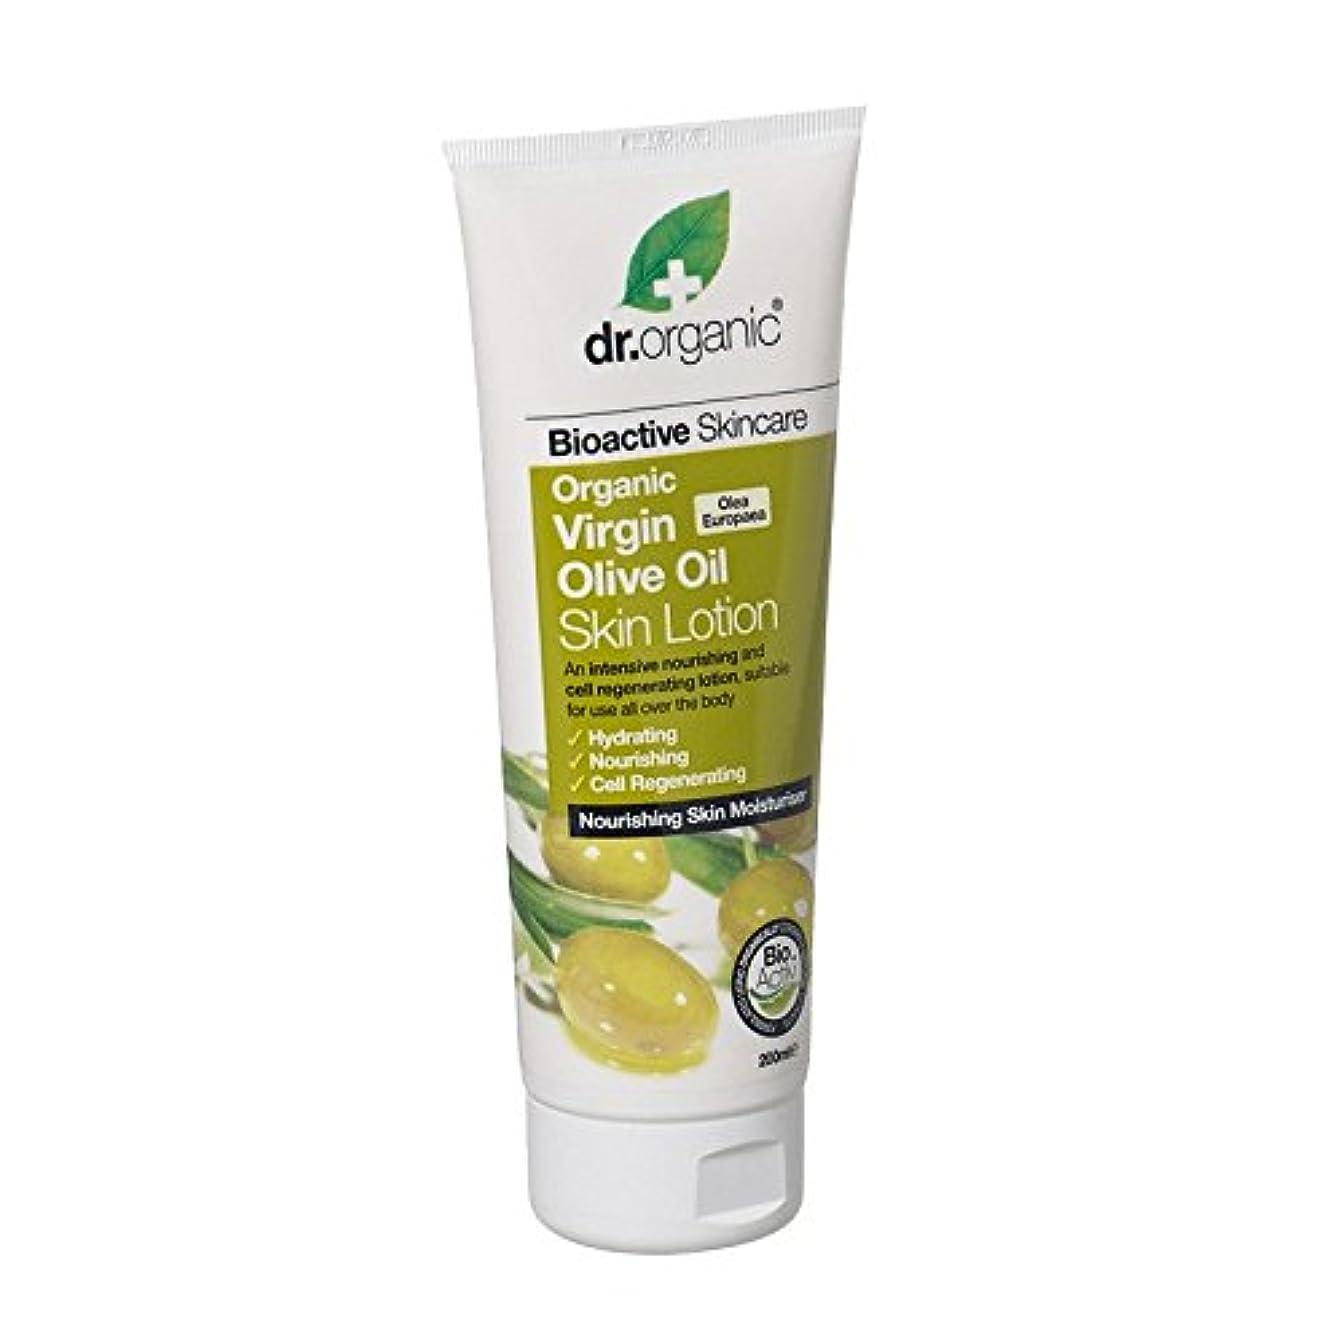 ケント肖像画温度Dr有機バージンオリーブスキンローション - Dr Organic Virgin Olive Skin Lotion (Dr Organic) [並行輸入品]